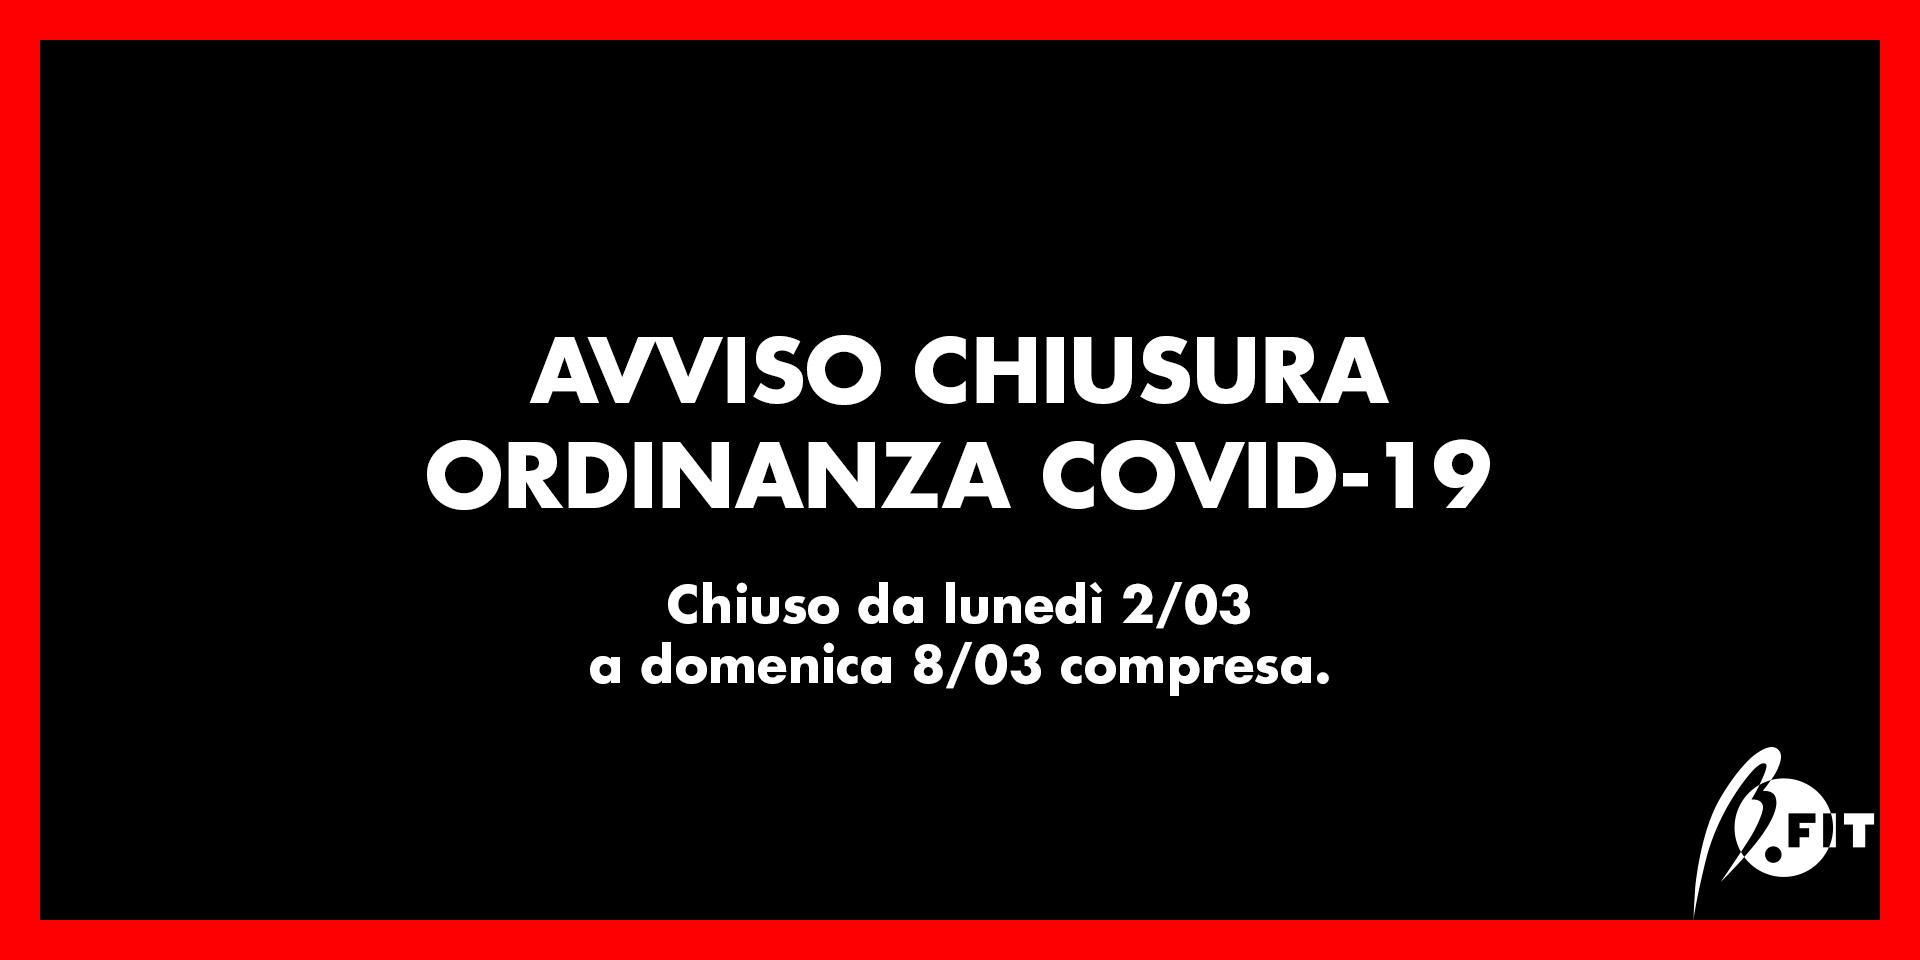 Banner prolungamento chiusura centro sportivo per covid-19